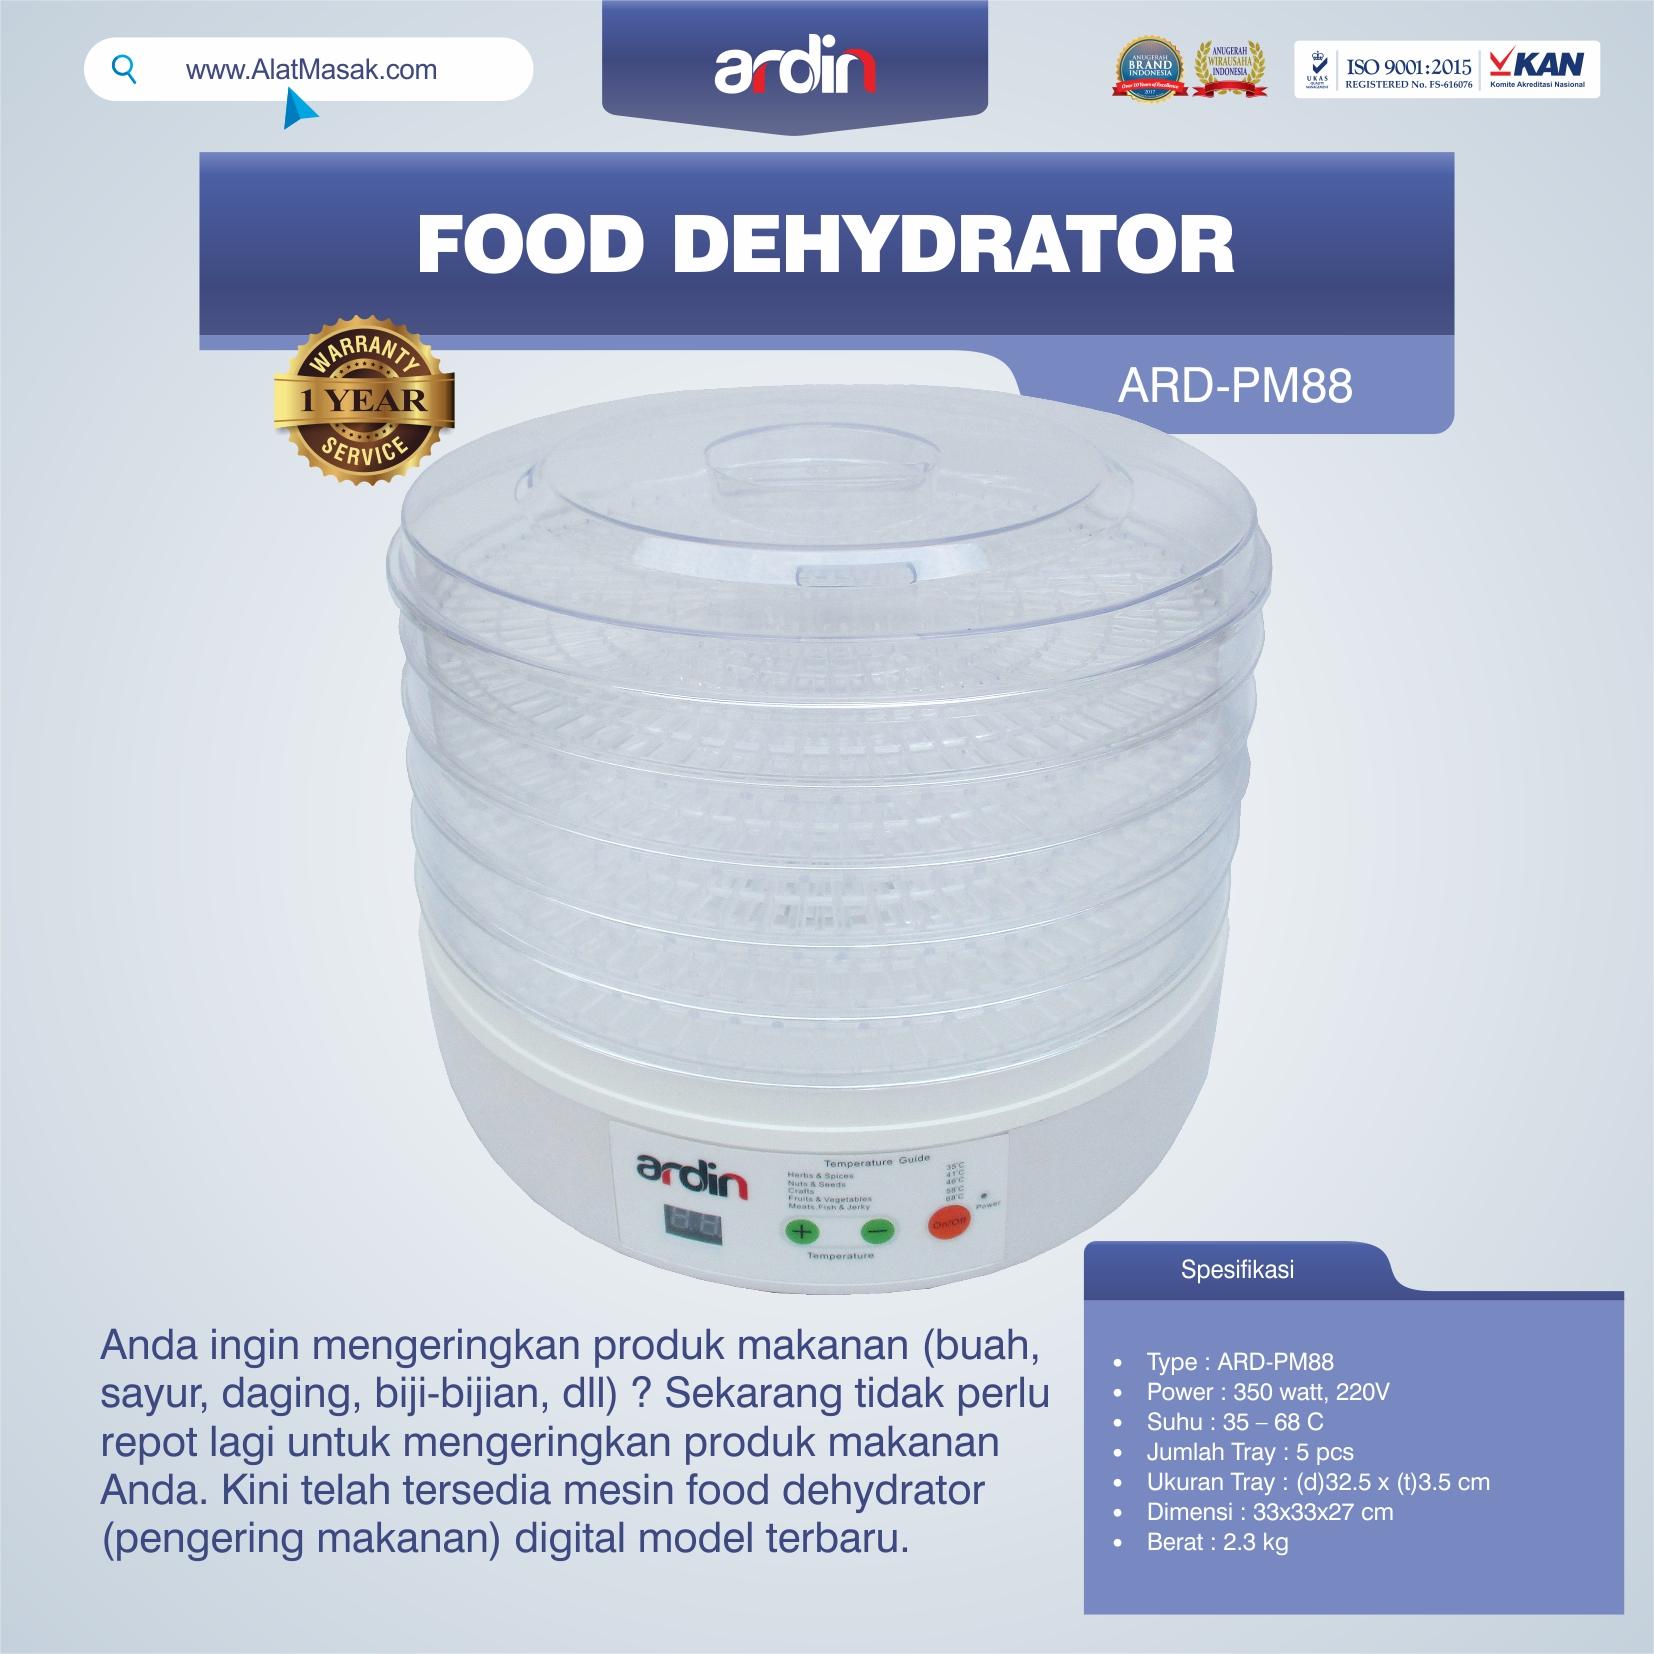 Jual Food Dehydrator ARD-PM88 di Semarang